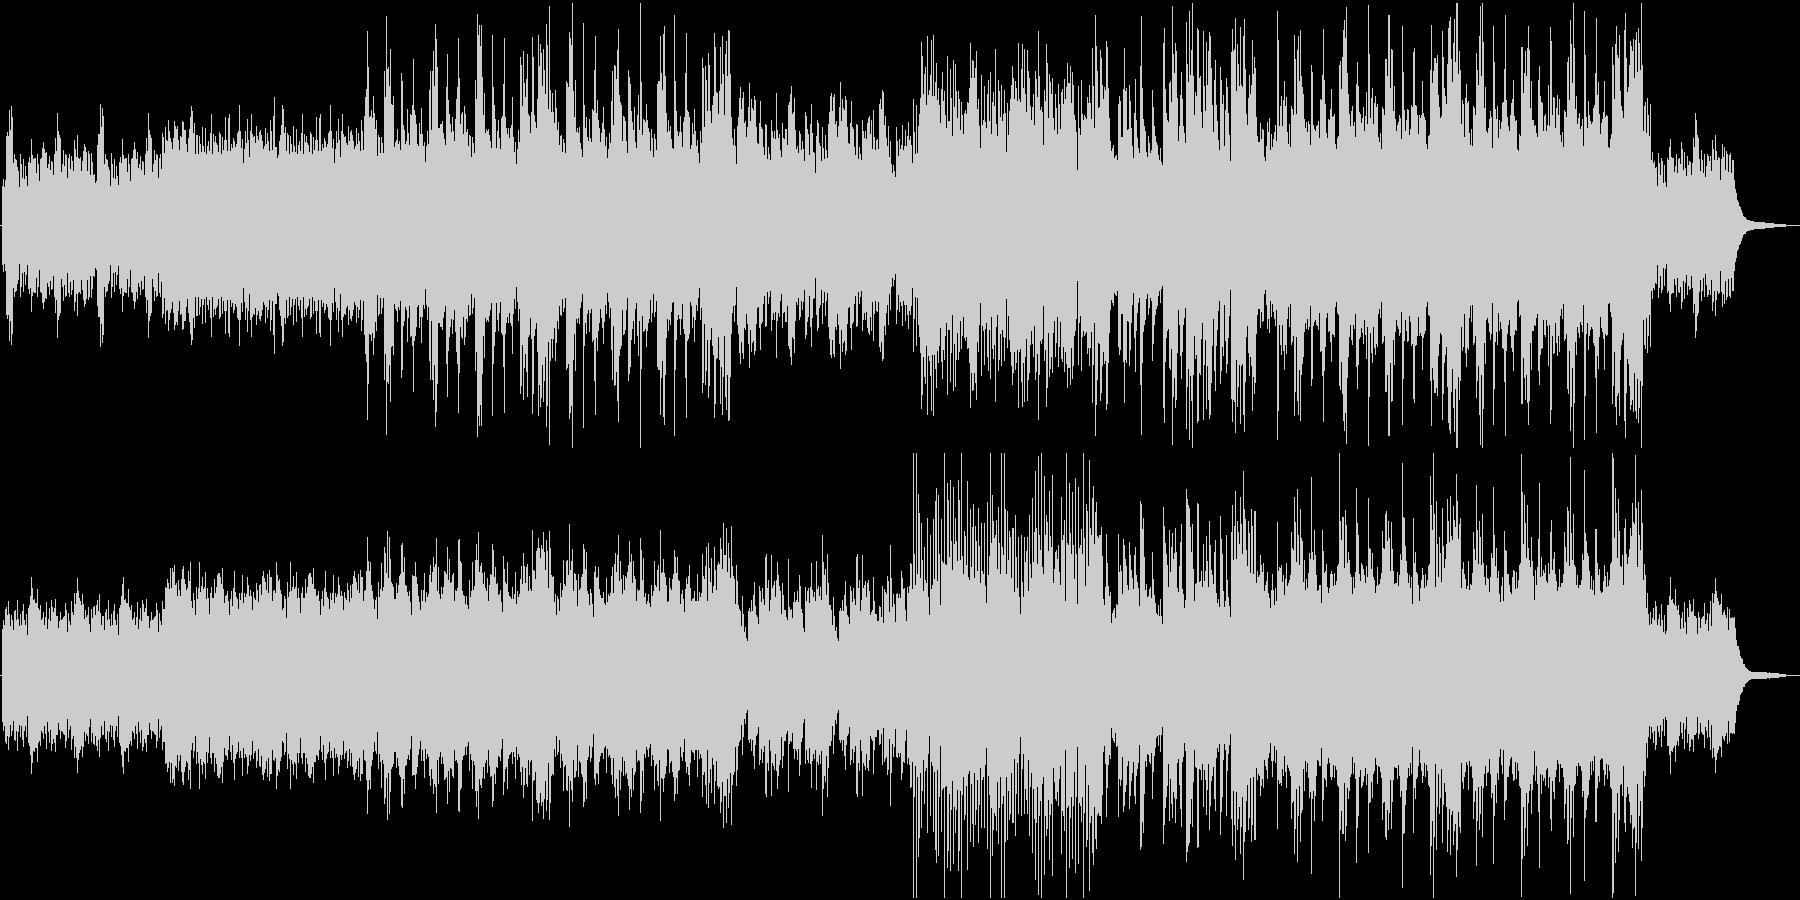 一匹オオカミが旅立つイメージの和曲の未再生の波形